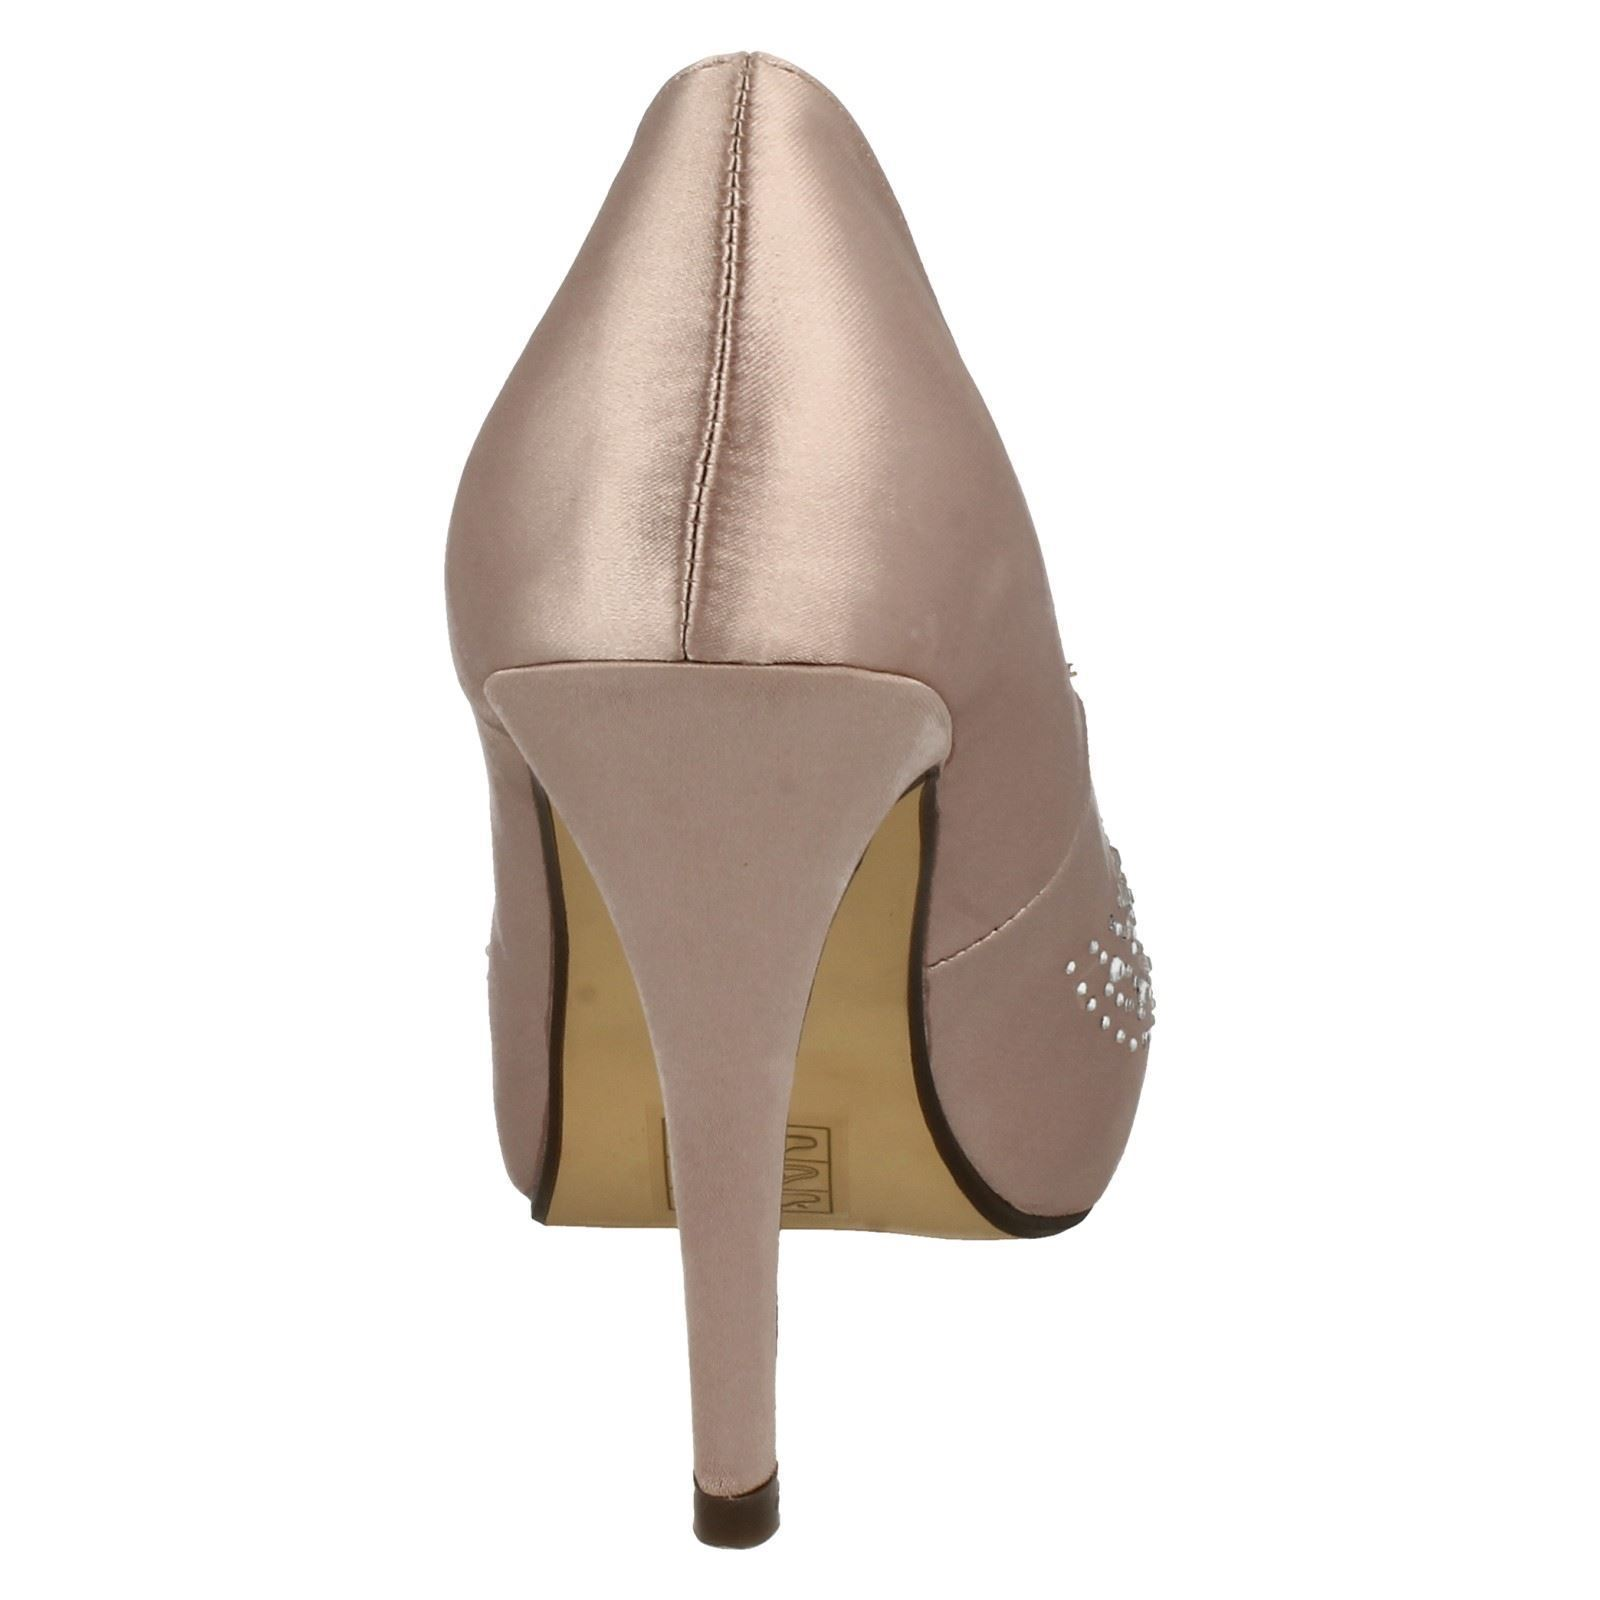 Señoras de punto en Zapatos Tenis Con Diamante detalle Estilo-f10238